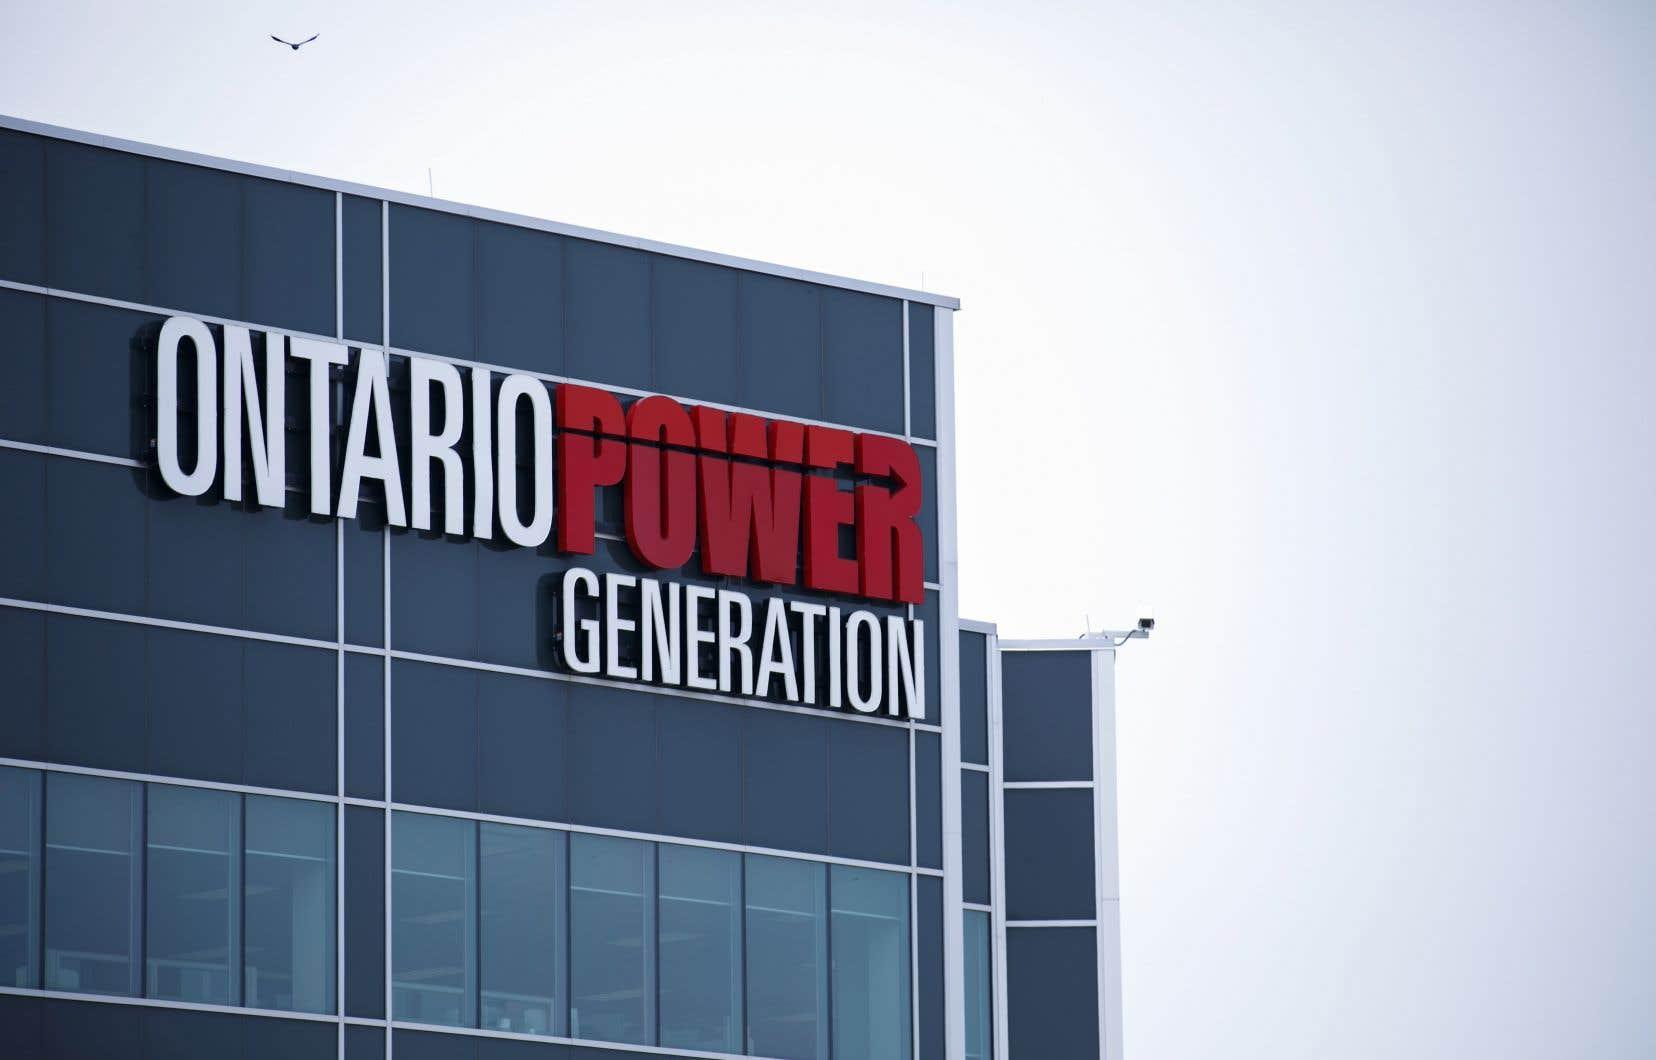 Le géant des services publics de la province, Ontario Power Generation, voulait construire cette installation à 1,2km du lac Huron pour l'entreposage permanent des déchets radioactifs de faible et moyenne activité.